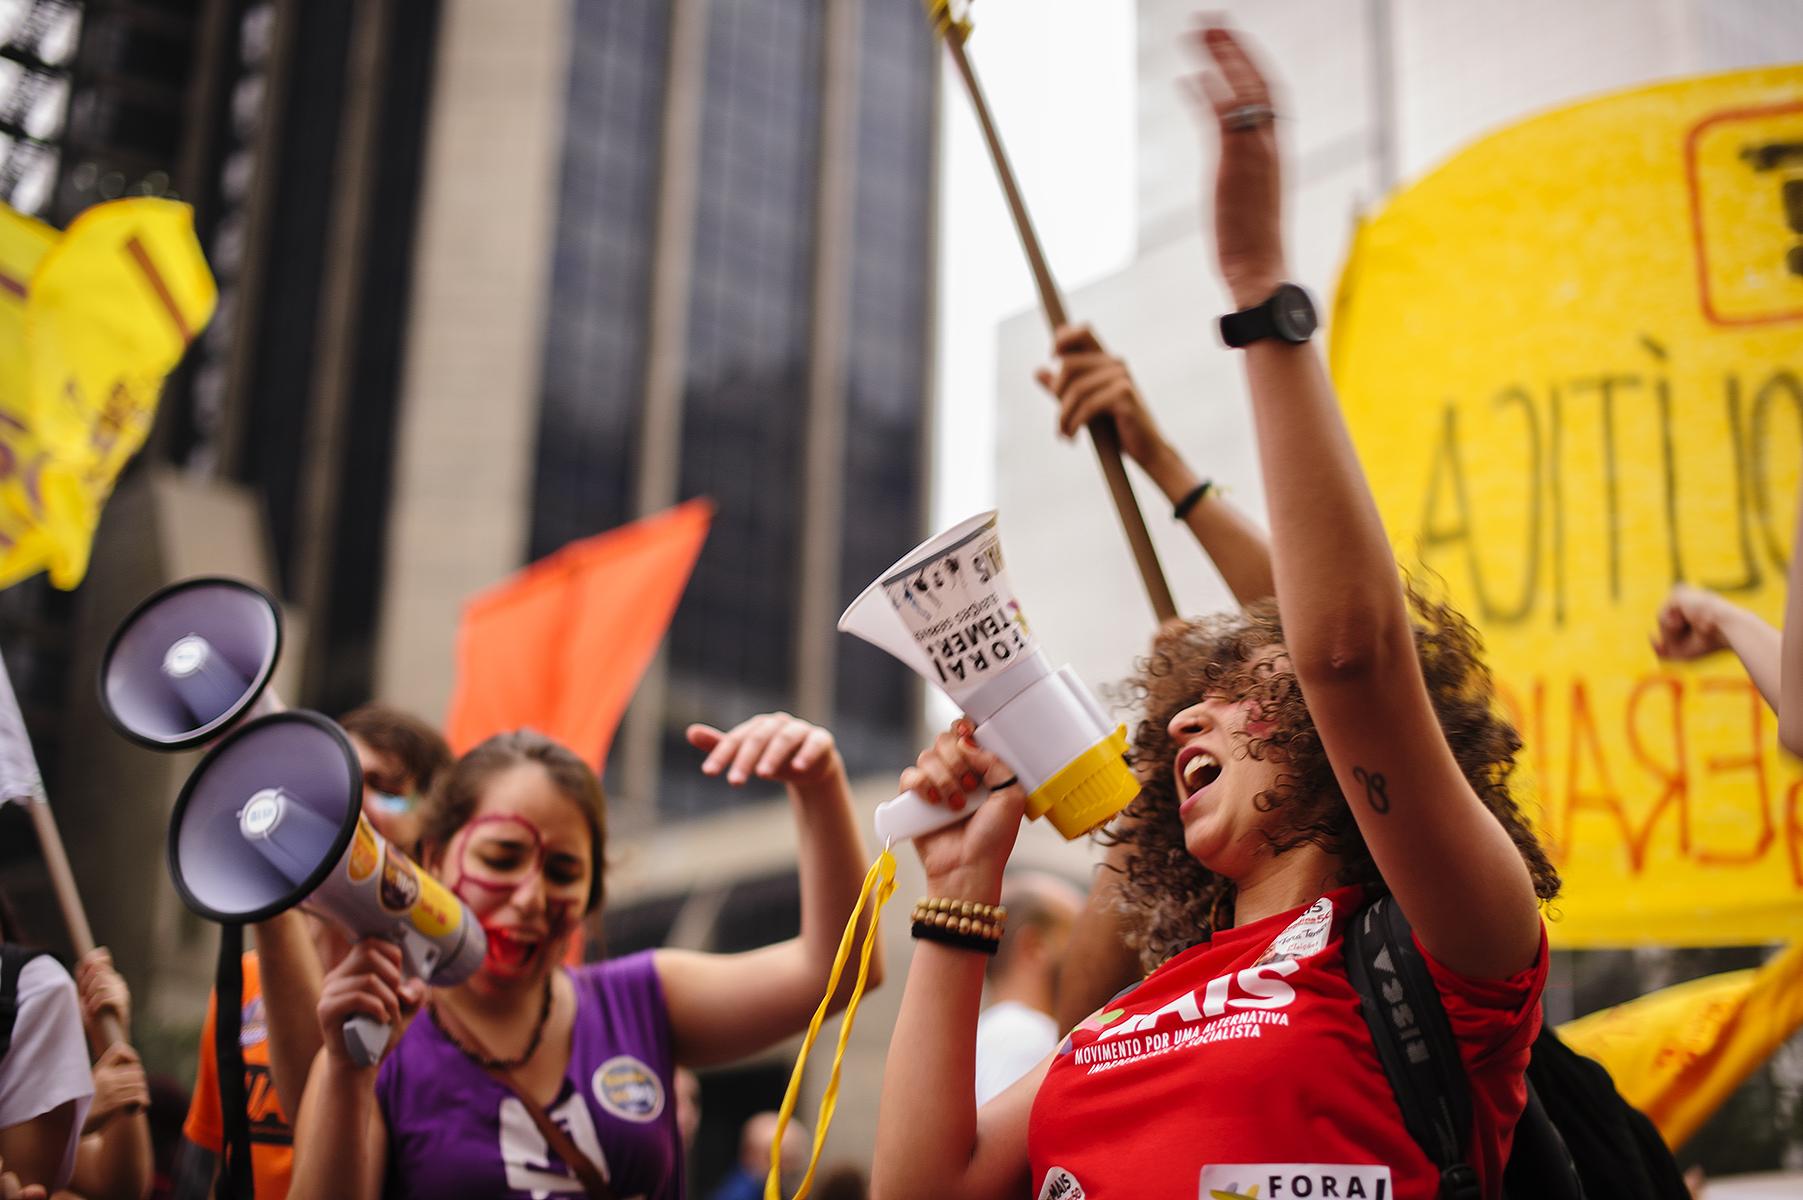 Am I A Failure As An Activist? Does It Matter?